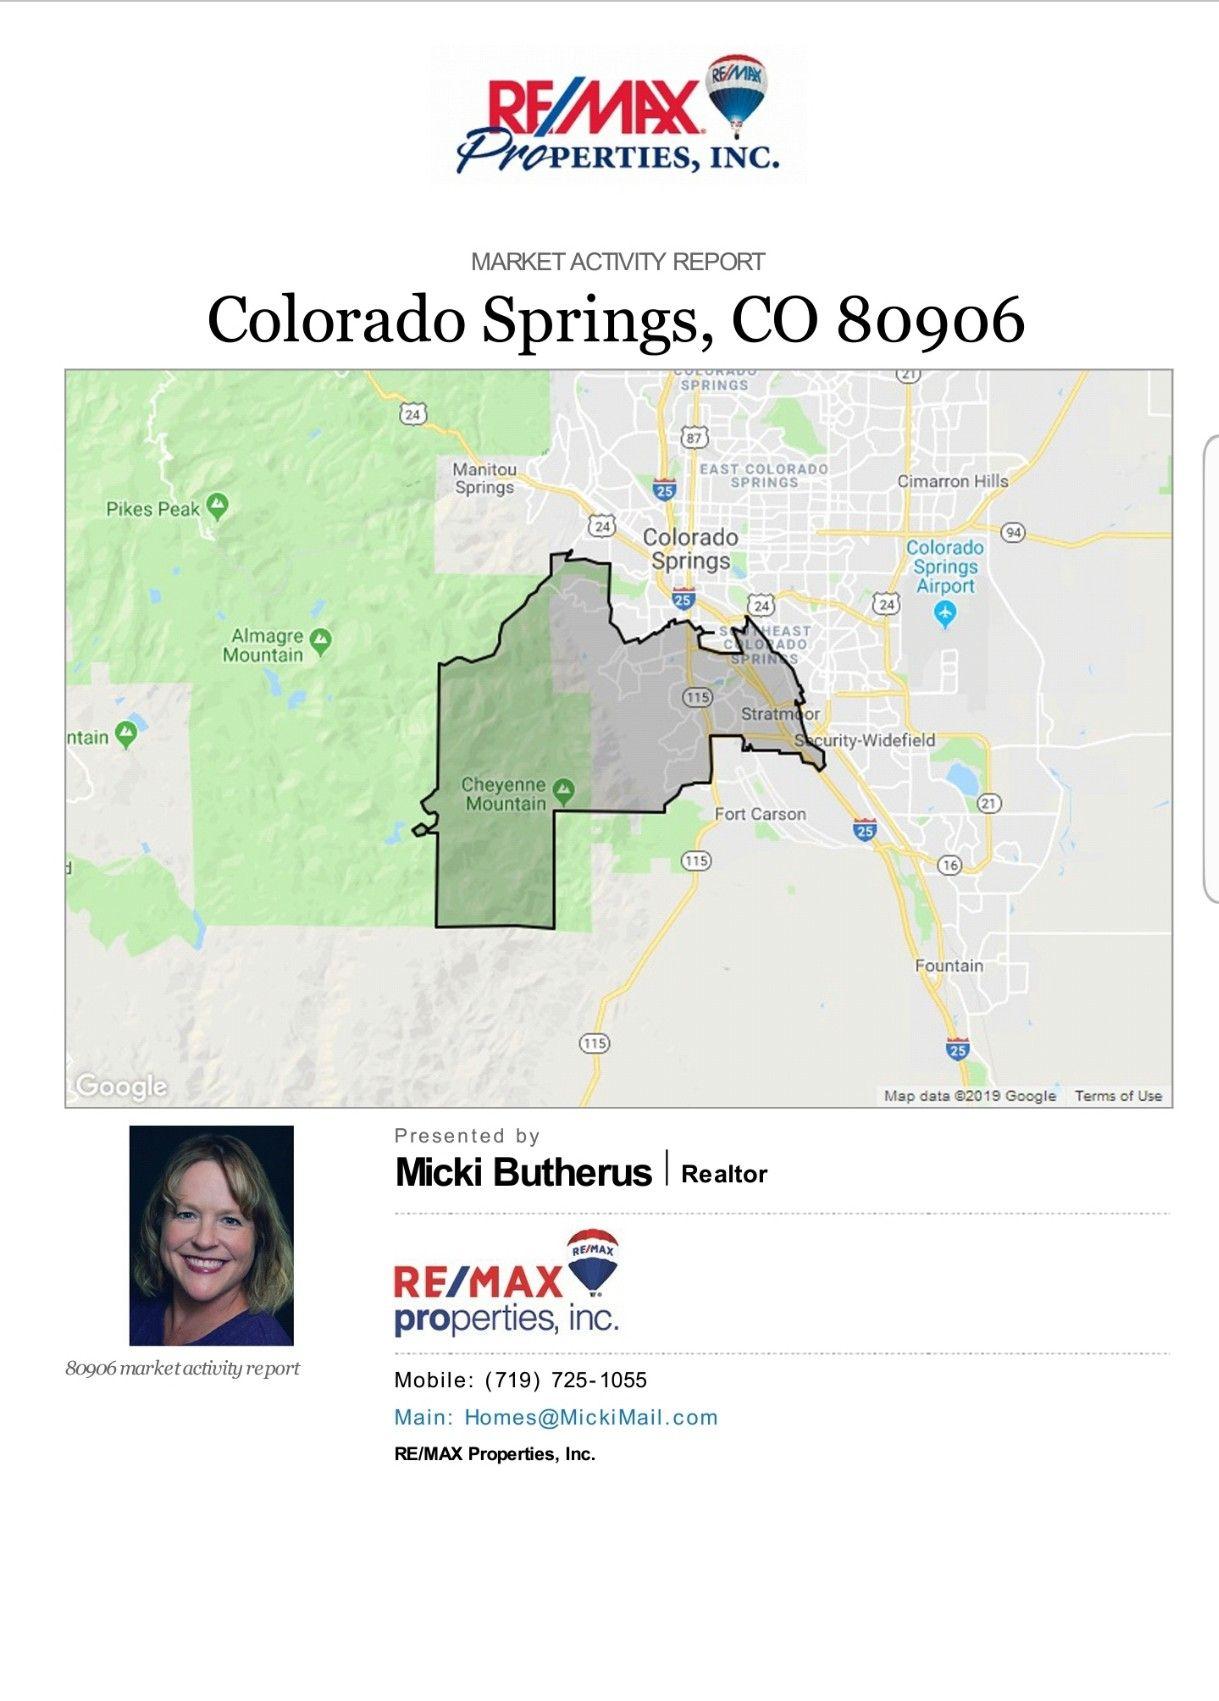 zip codes colorado springs co